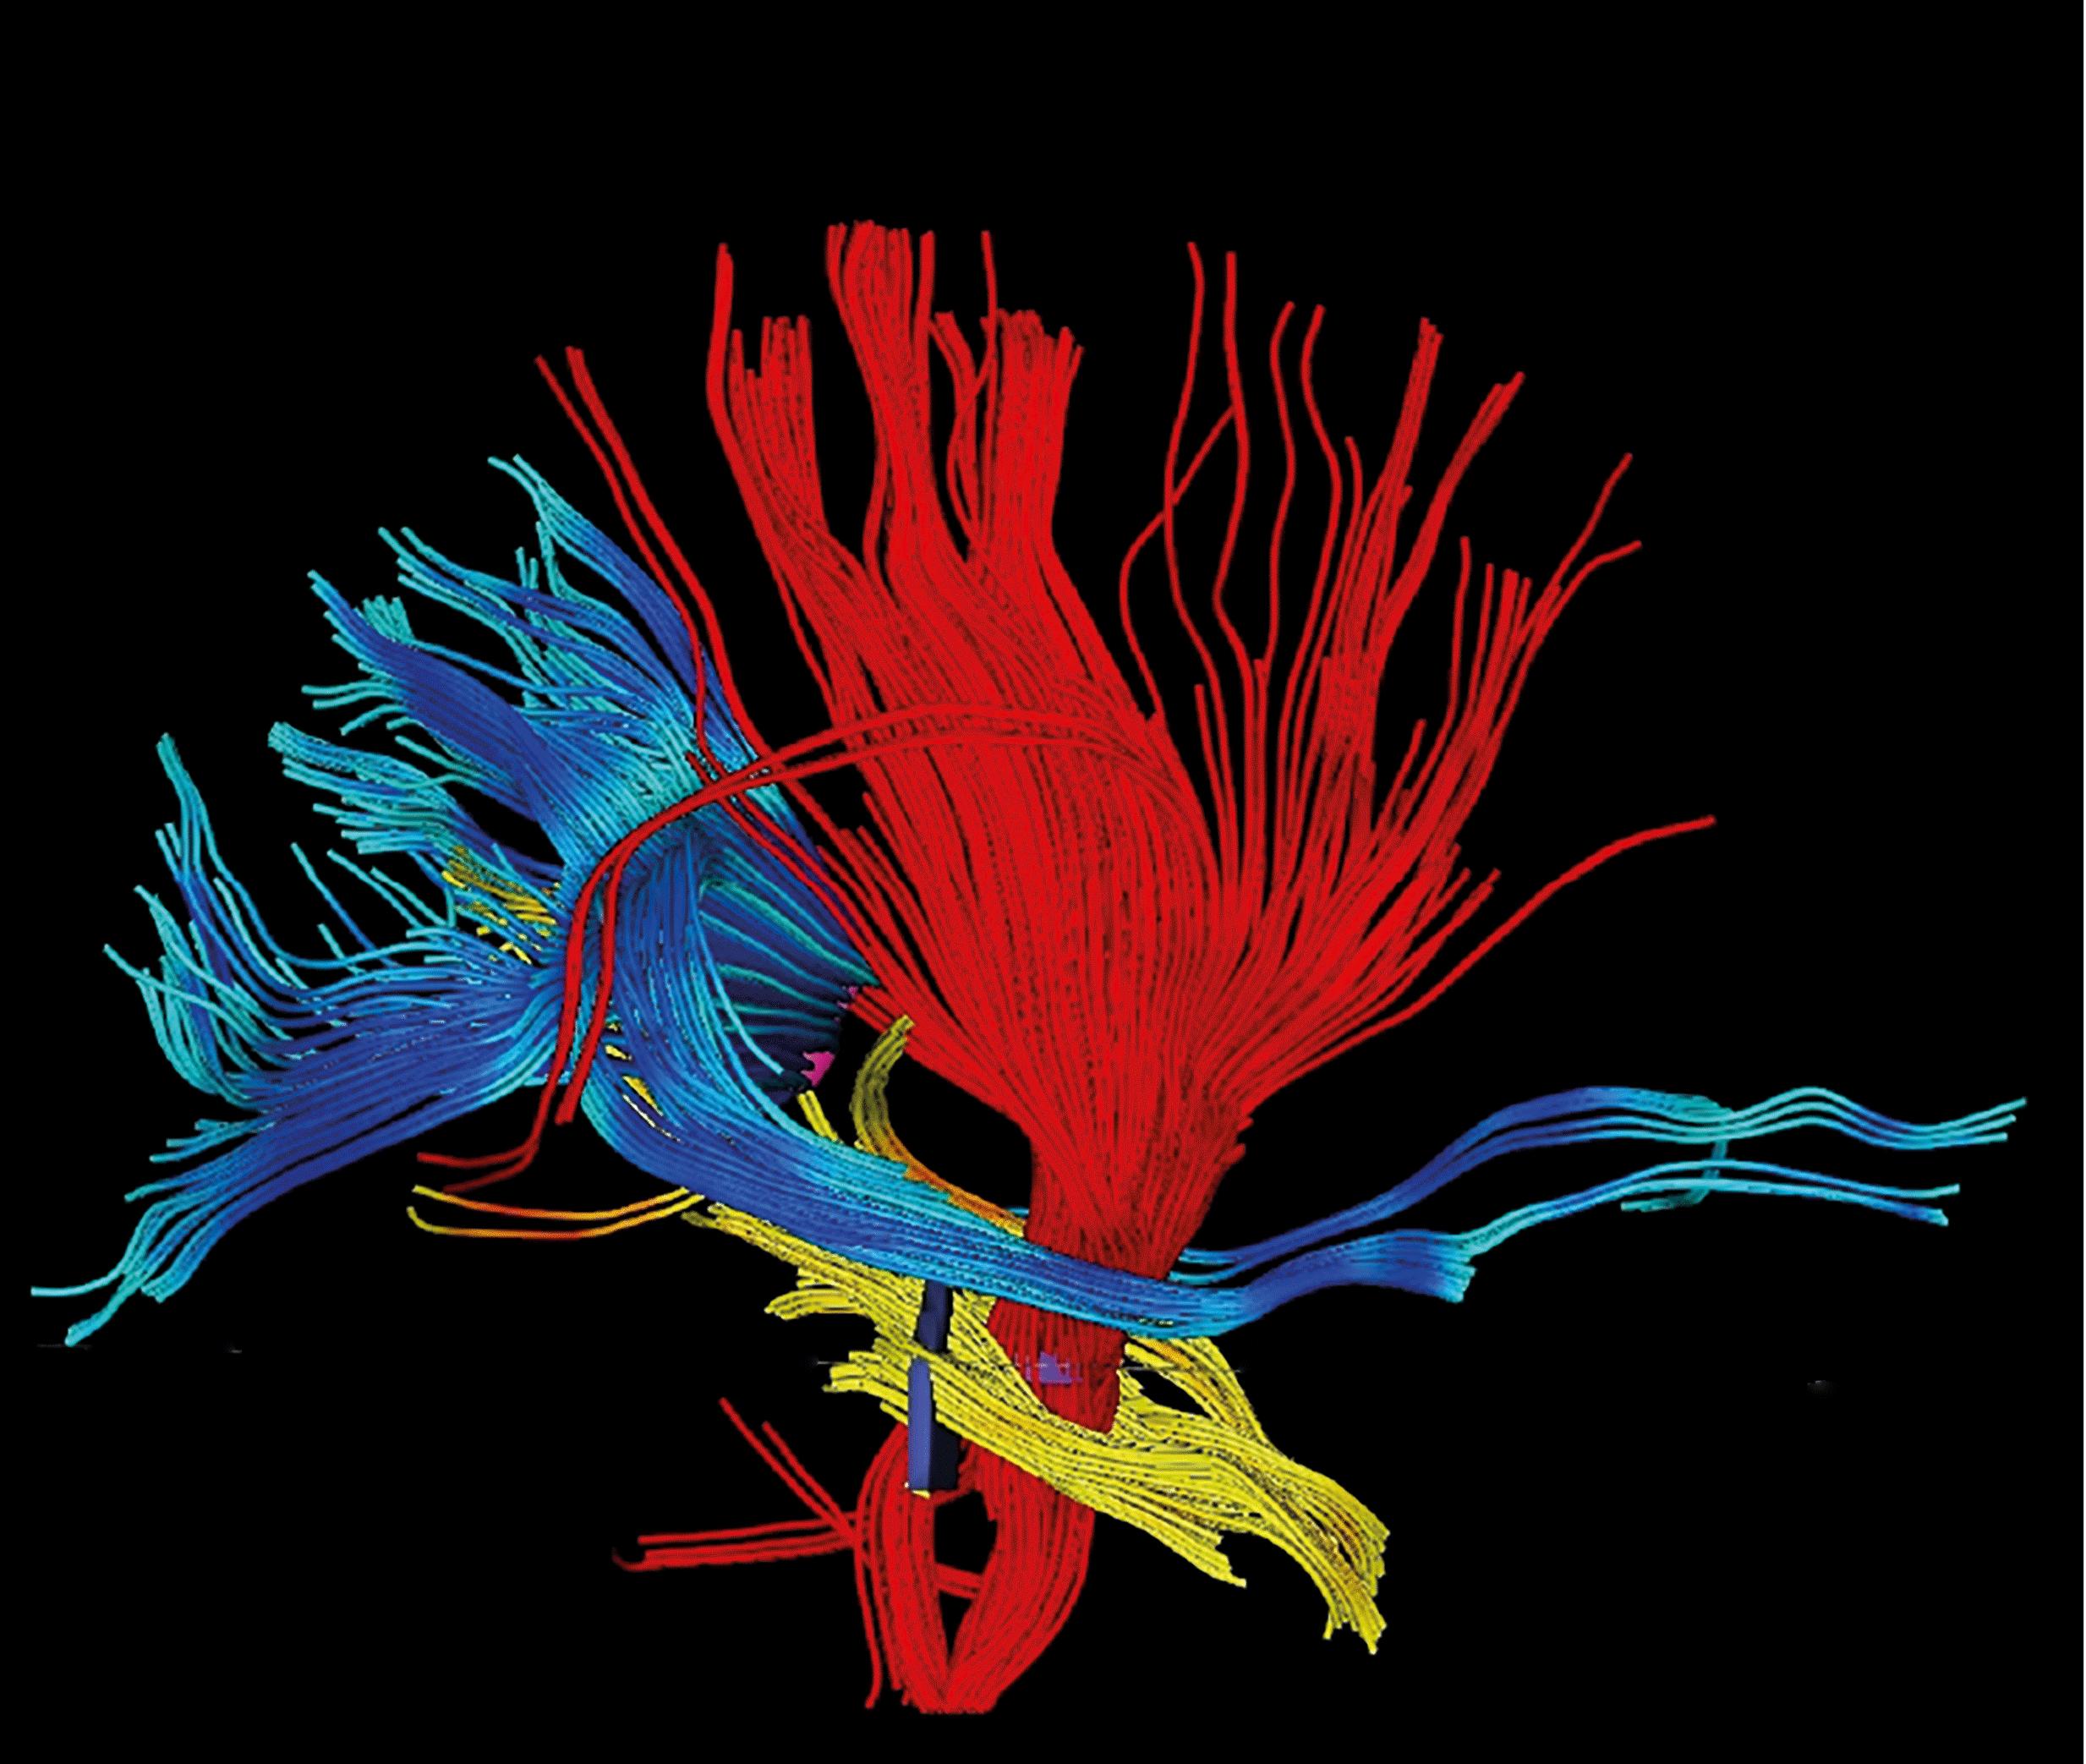 Bild vom Verlauf der Faserbahnen im Gehirn, dargestellt in rot, blau und gelb